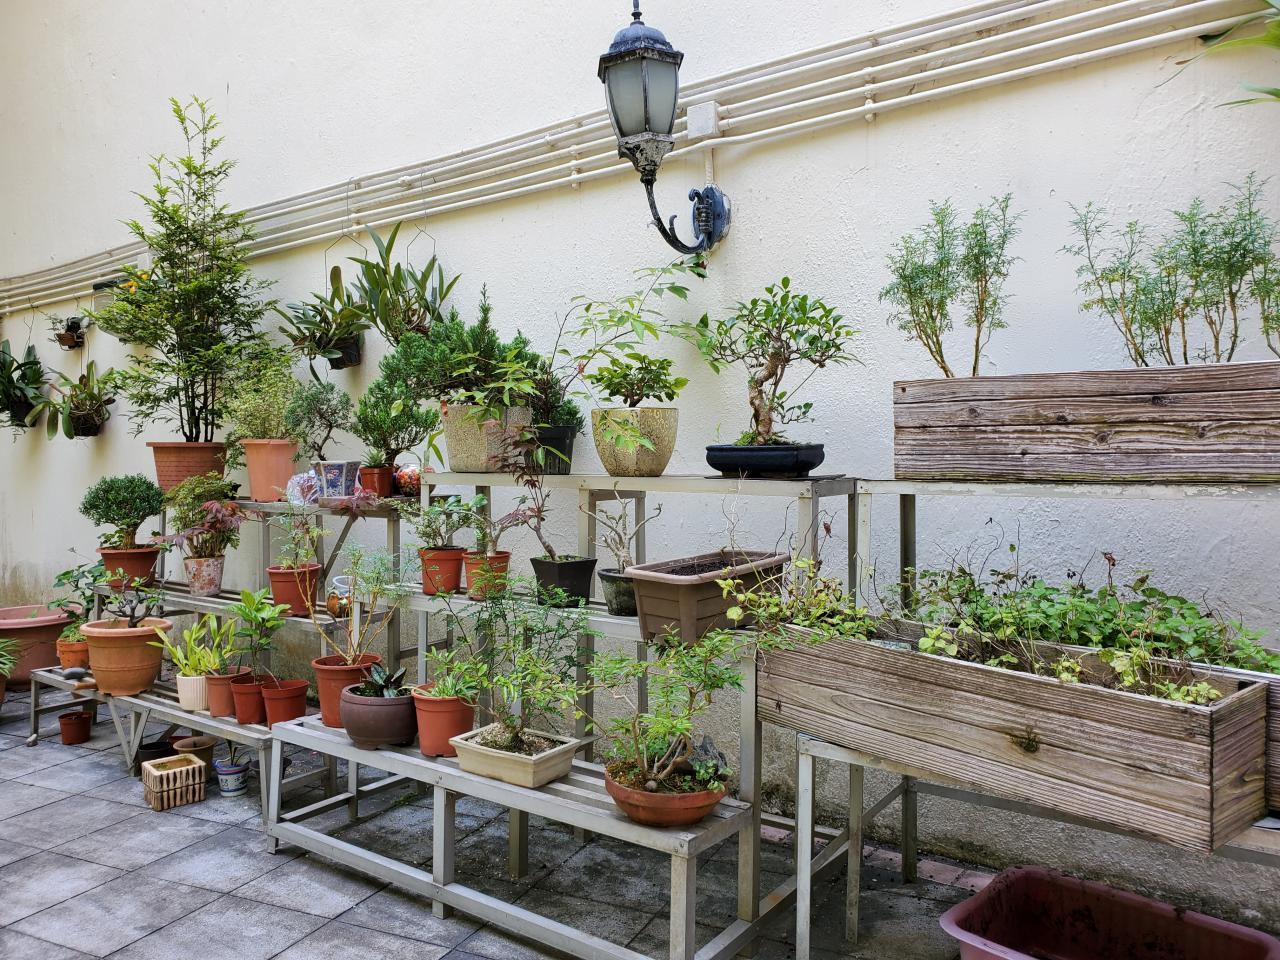 園藝組同學在此學習園藝知識